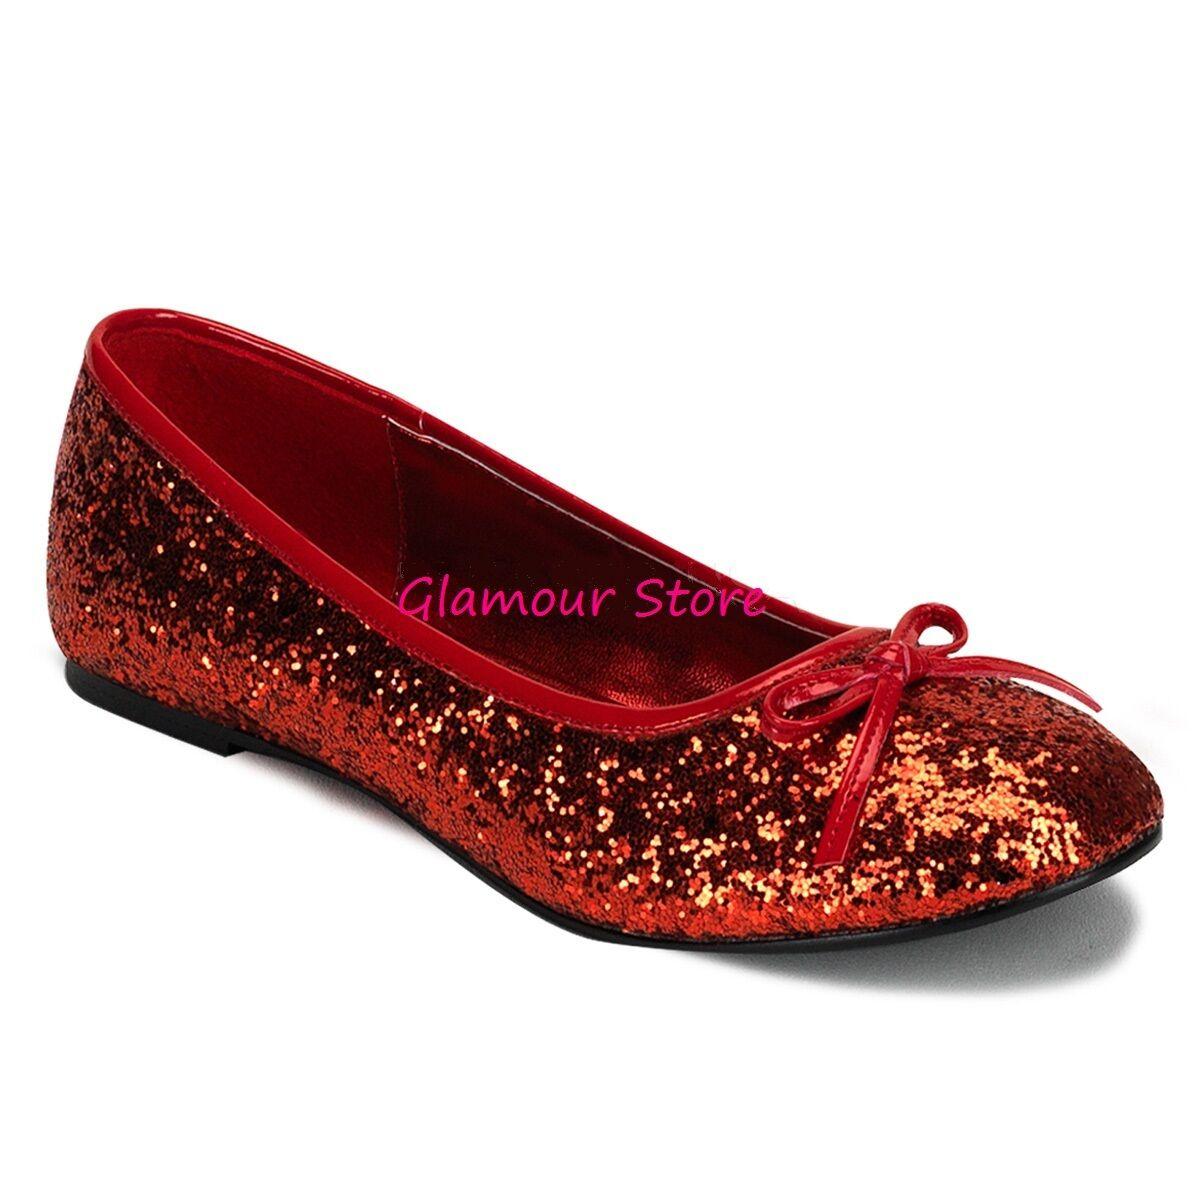 Sexy BALLERINE GLITTER tacco flat dal 35 42 al 42 35 ROSSO fiocco scarpe GLAMOUR chic 5d0c72